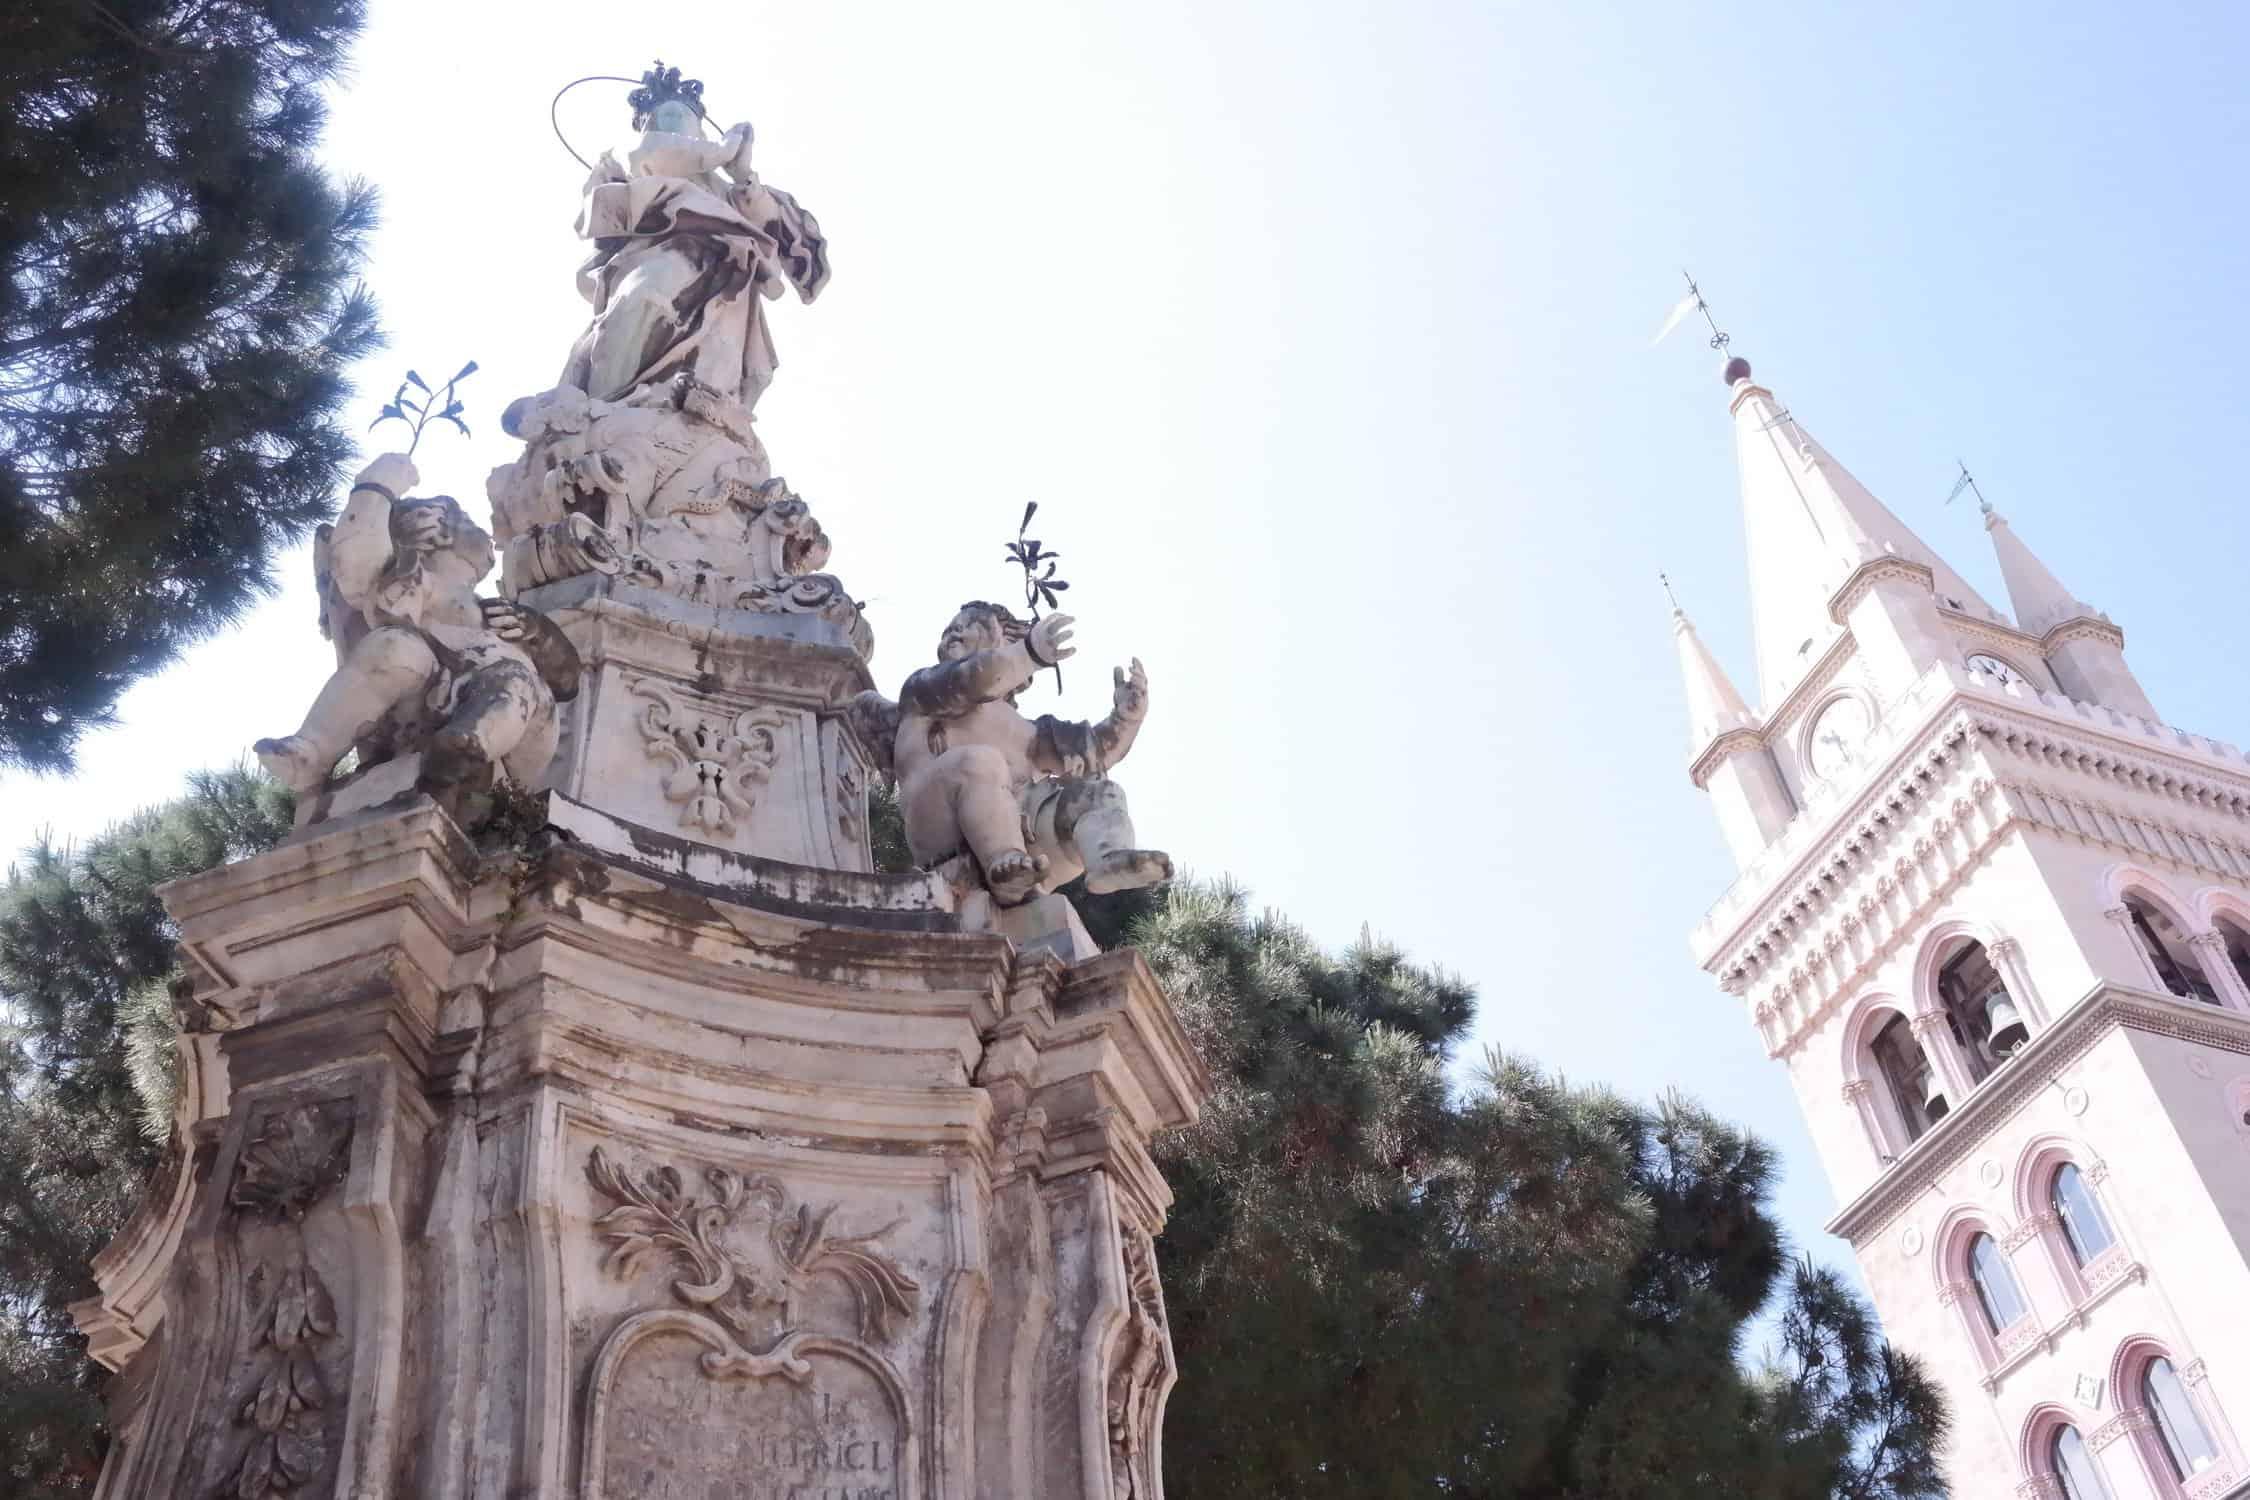 L'Immacolata di marmo e la antica festa della Vara: storie da una Messina scomparsa